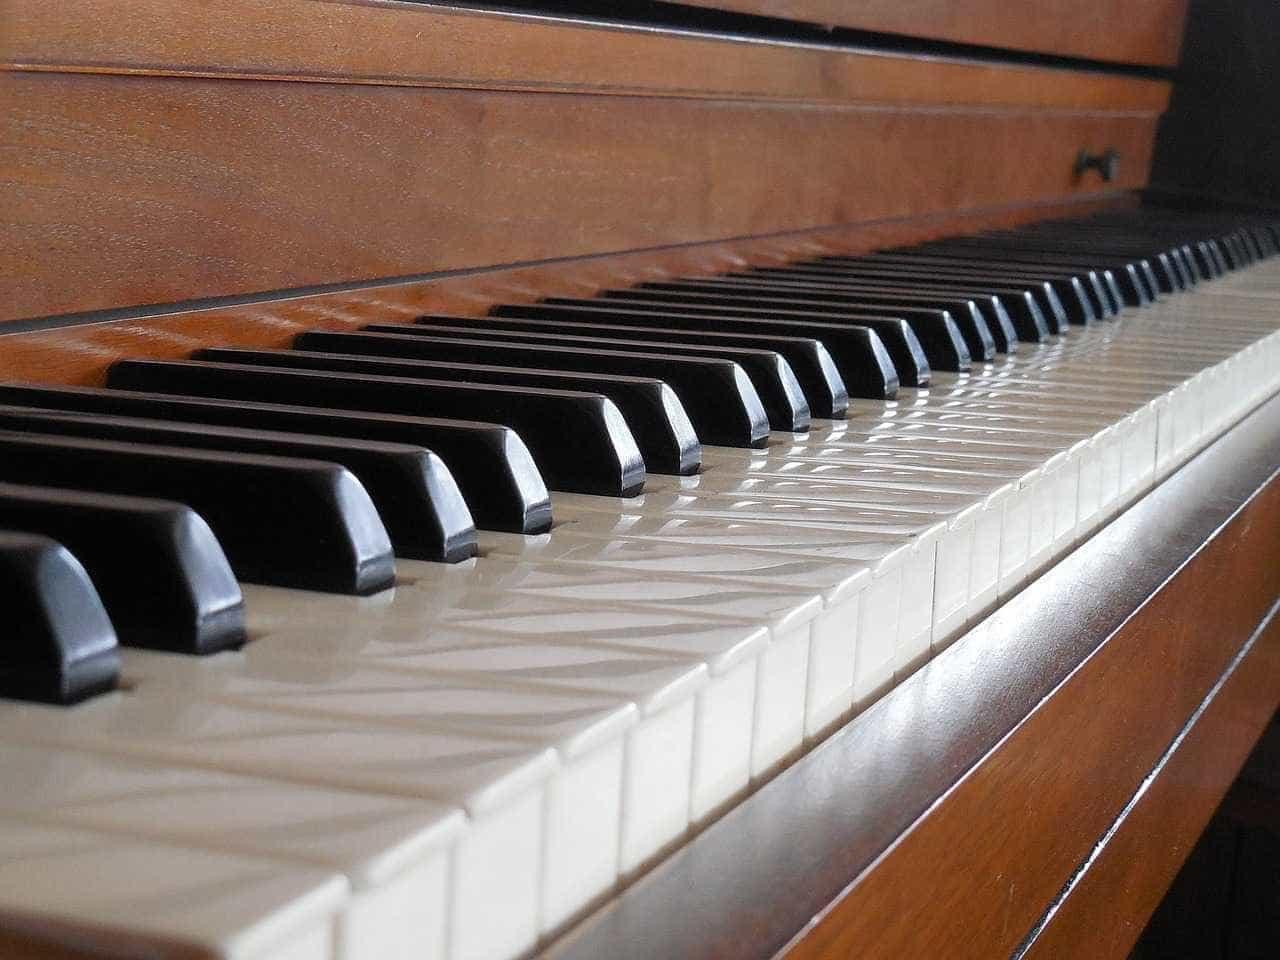 Pianista Vasco Dantas nos EUA antes de estreia no Carnegie Hall